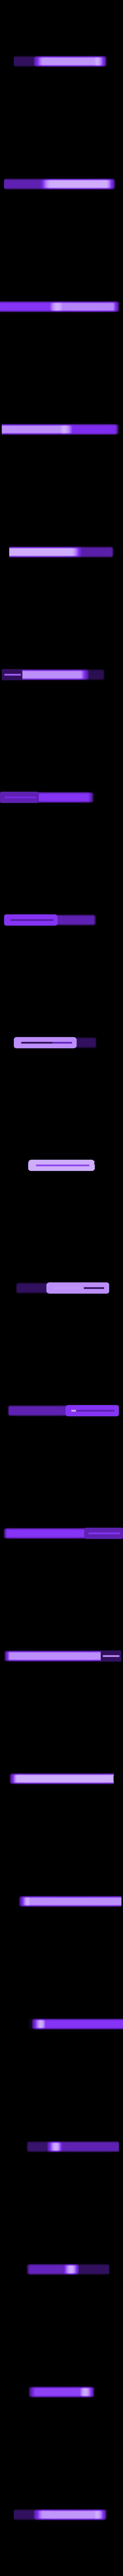 cord_maker_cap_final.stl Download free STL file CORD MAKER / BOTTLE CUTTER • 3D printable design, MuSSy